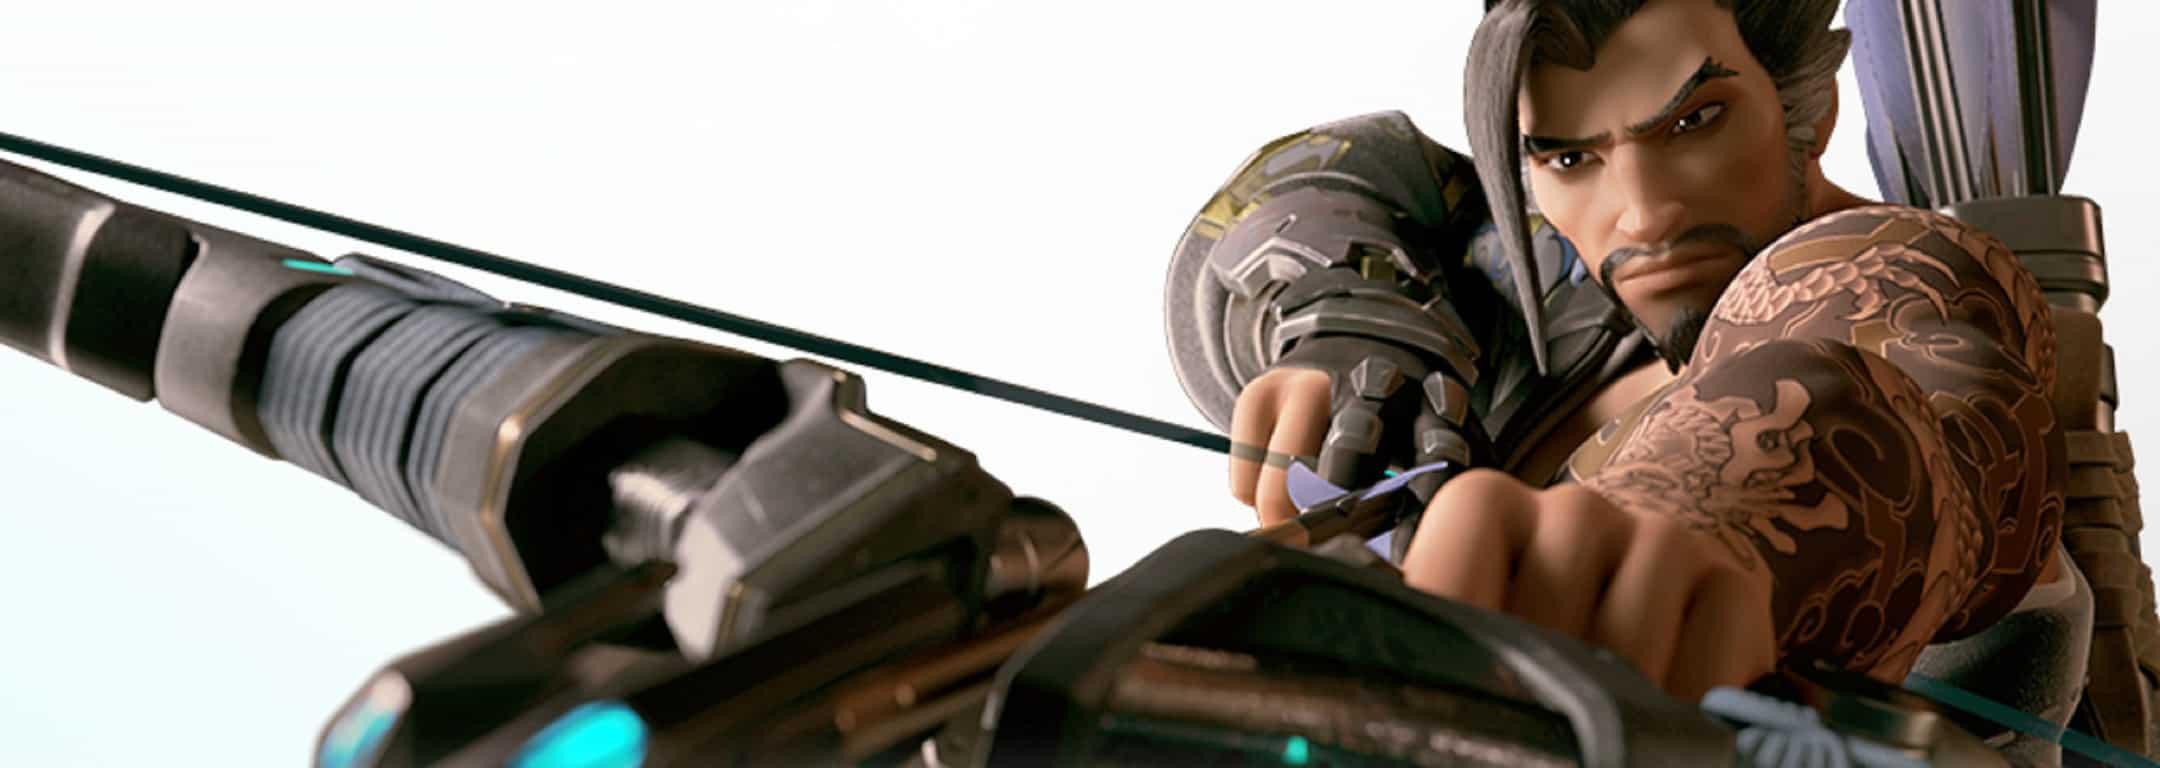 Microsoft, Xbox, Xbox One, Overwatch